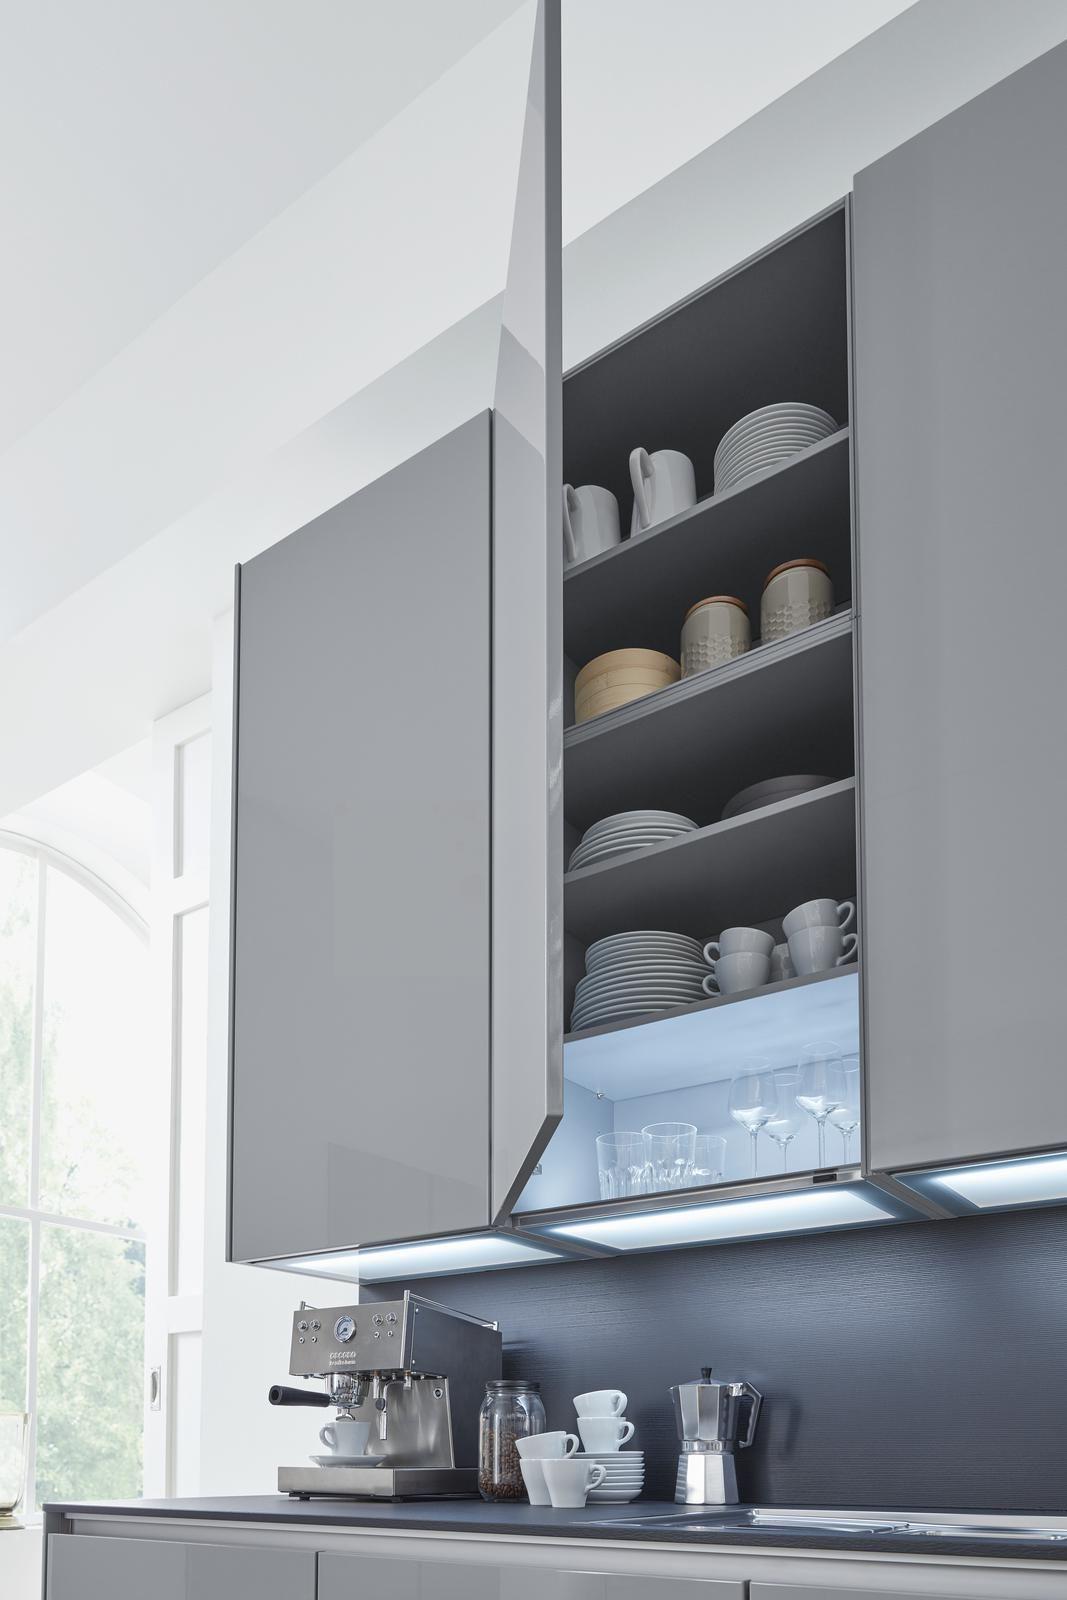 Extra hohe Hängeschränke in der Küche  Küche, Traumküche